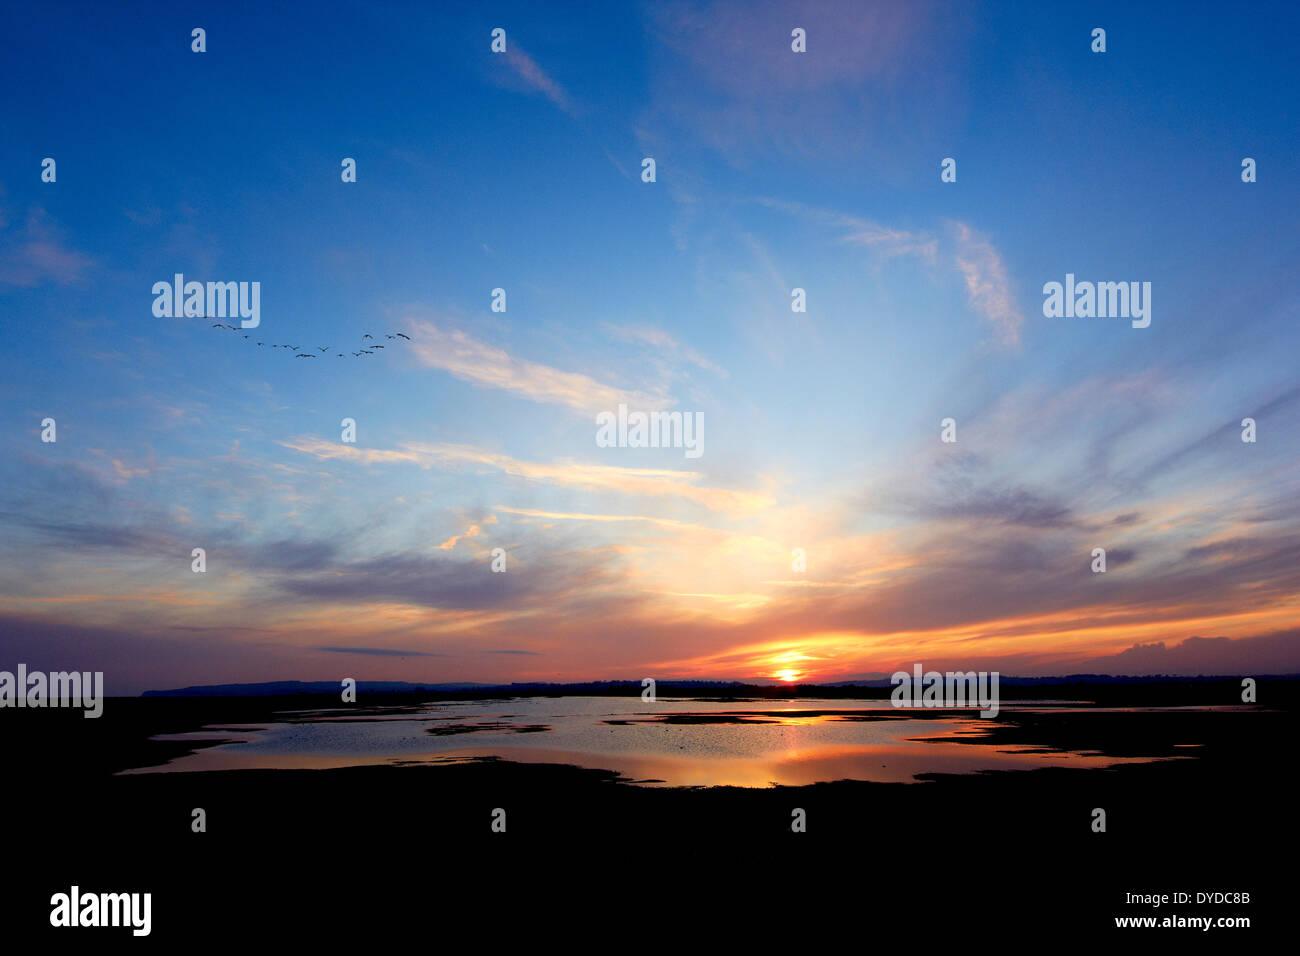 Vue de la réserve naturelle de Rye Harbour au coucher du soleil. Photo Stock